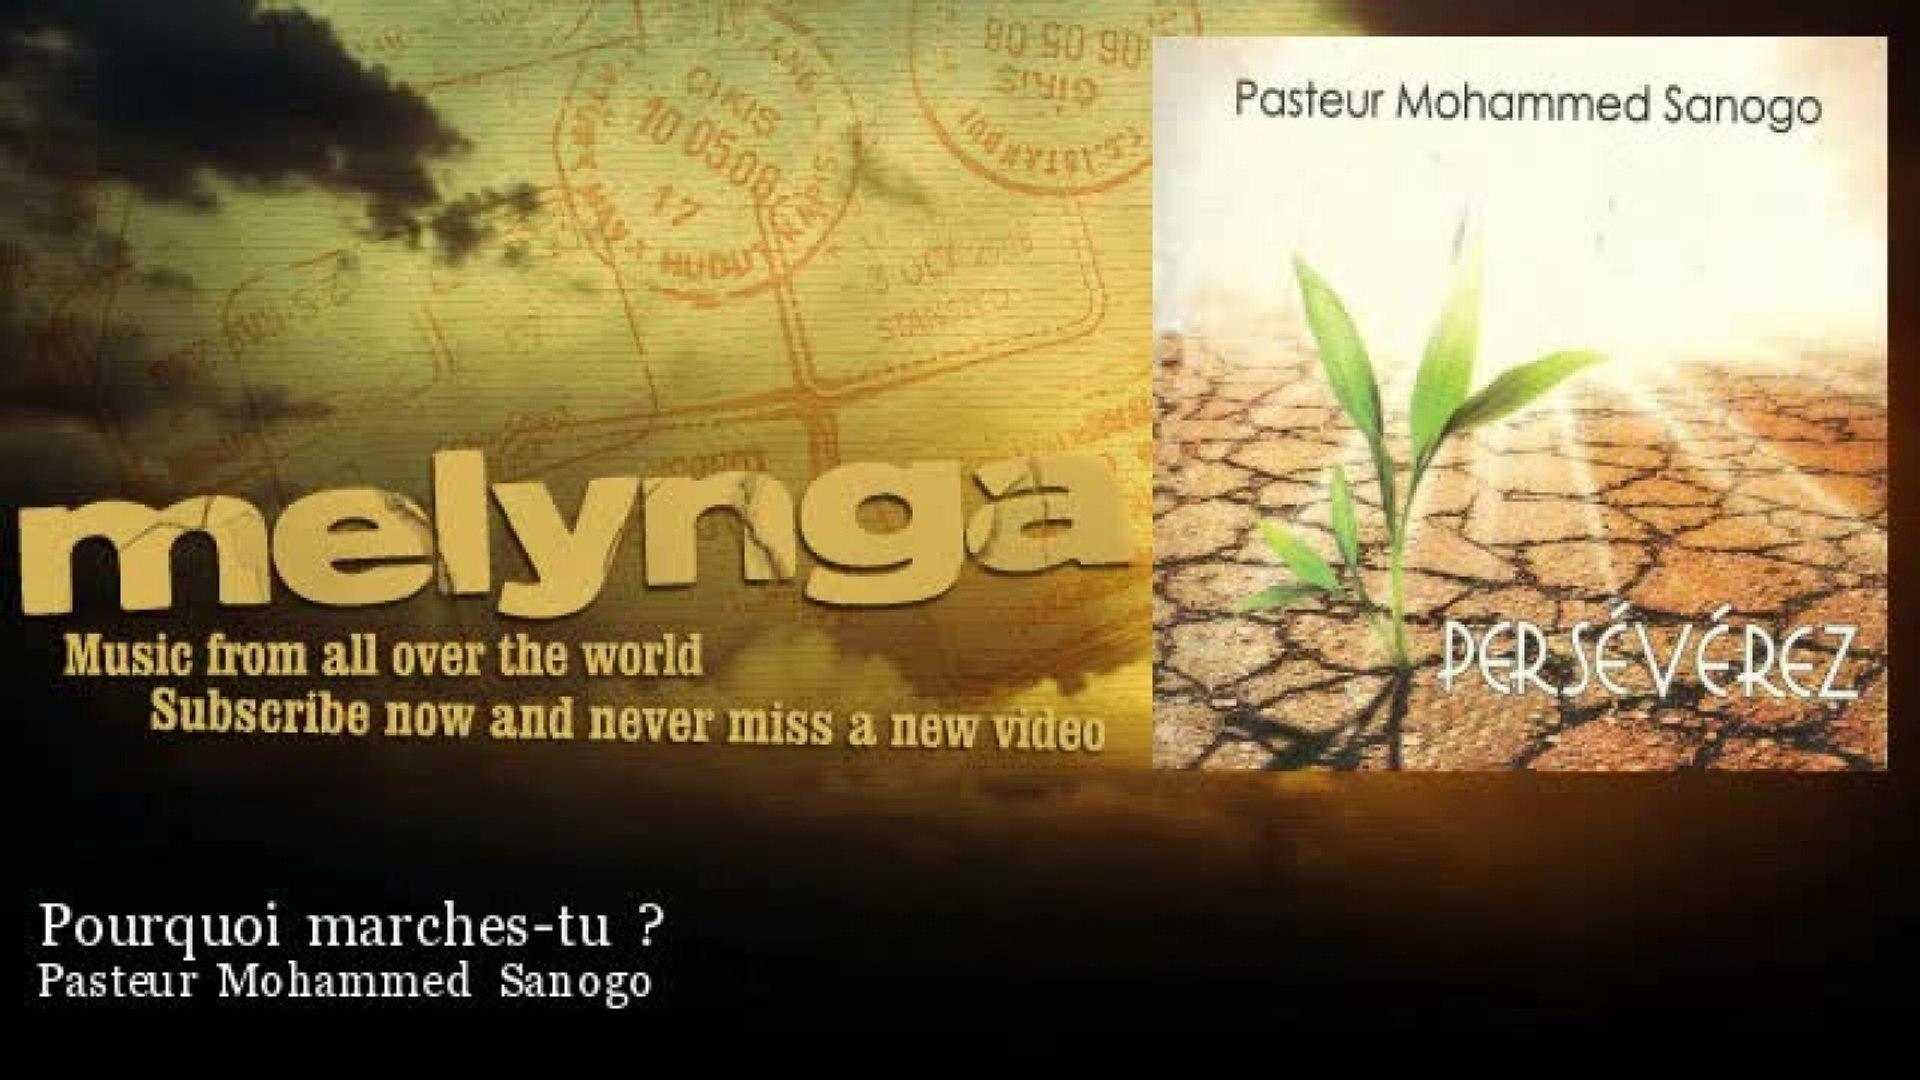 Pasteur Mohammed Sanogo - Pourquoi marches-tu ?